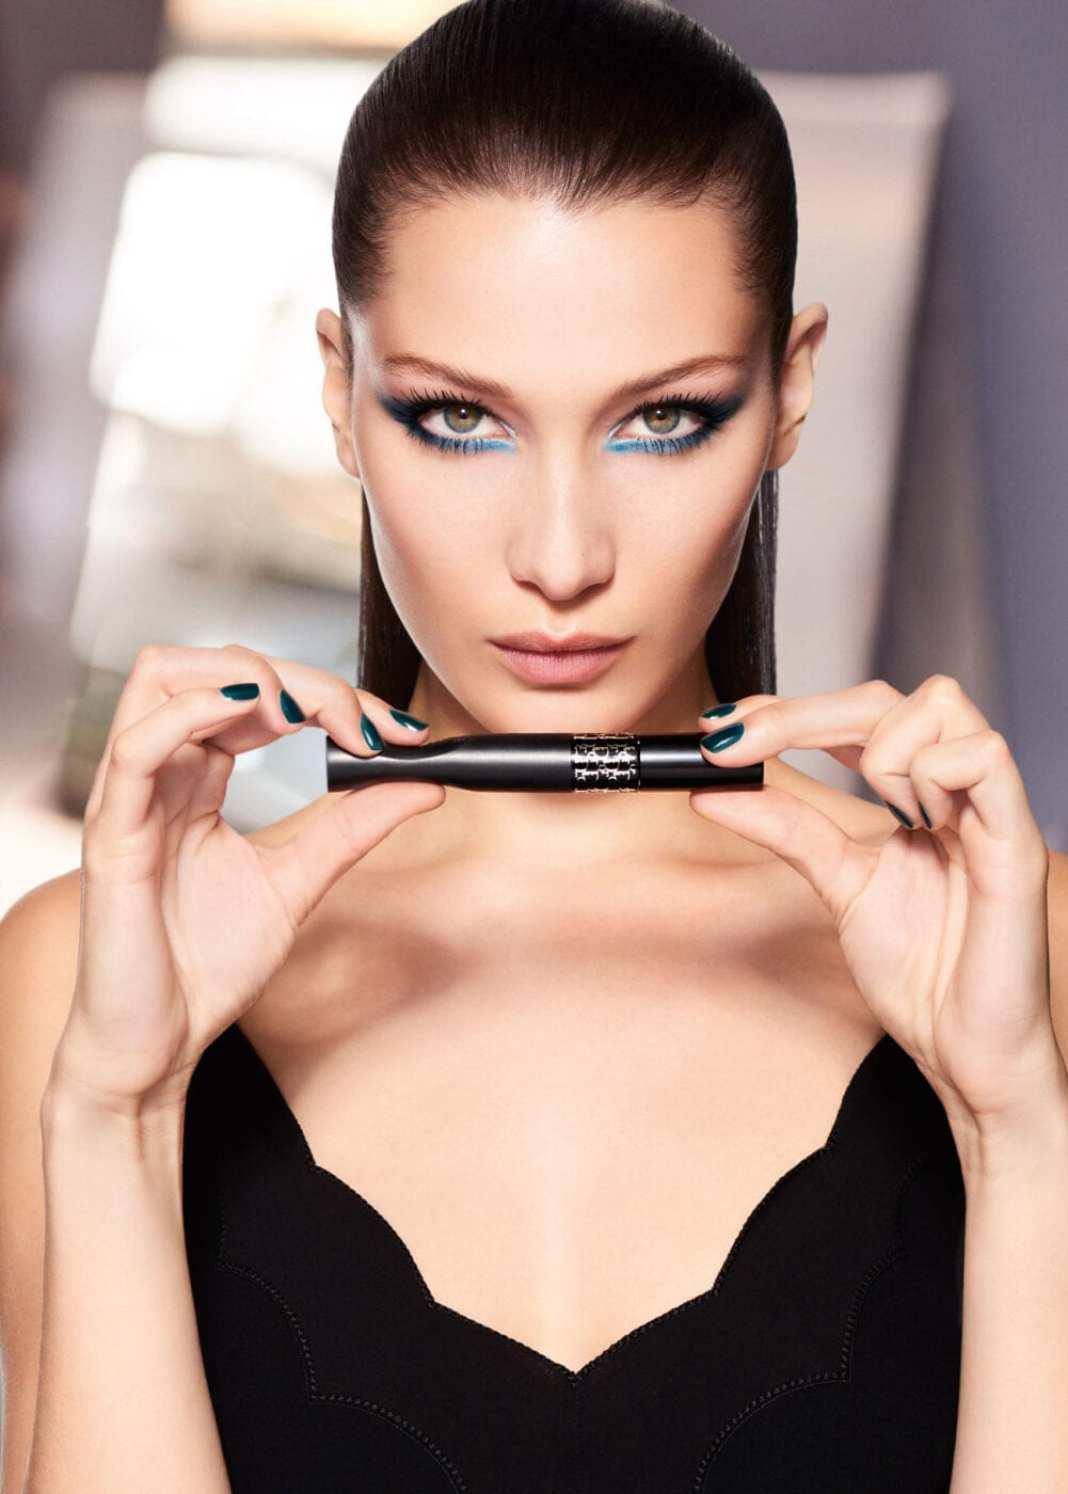 Diorshow Pump 'N' Volume Novità Mascara Dior